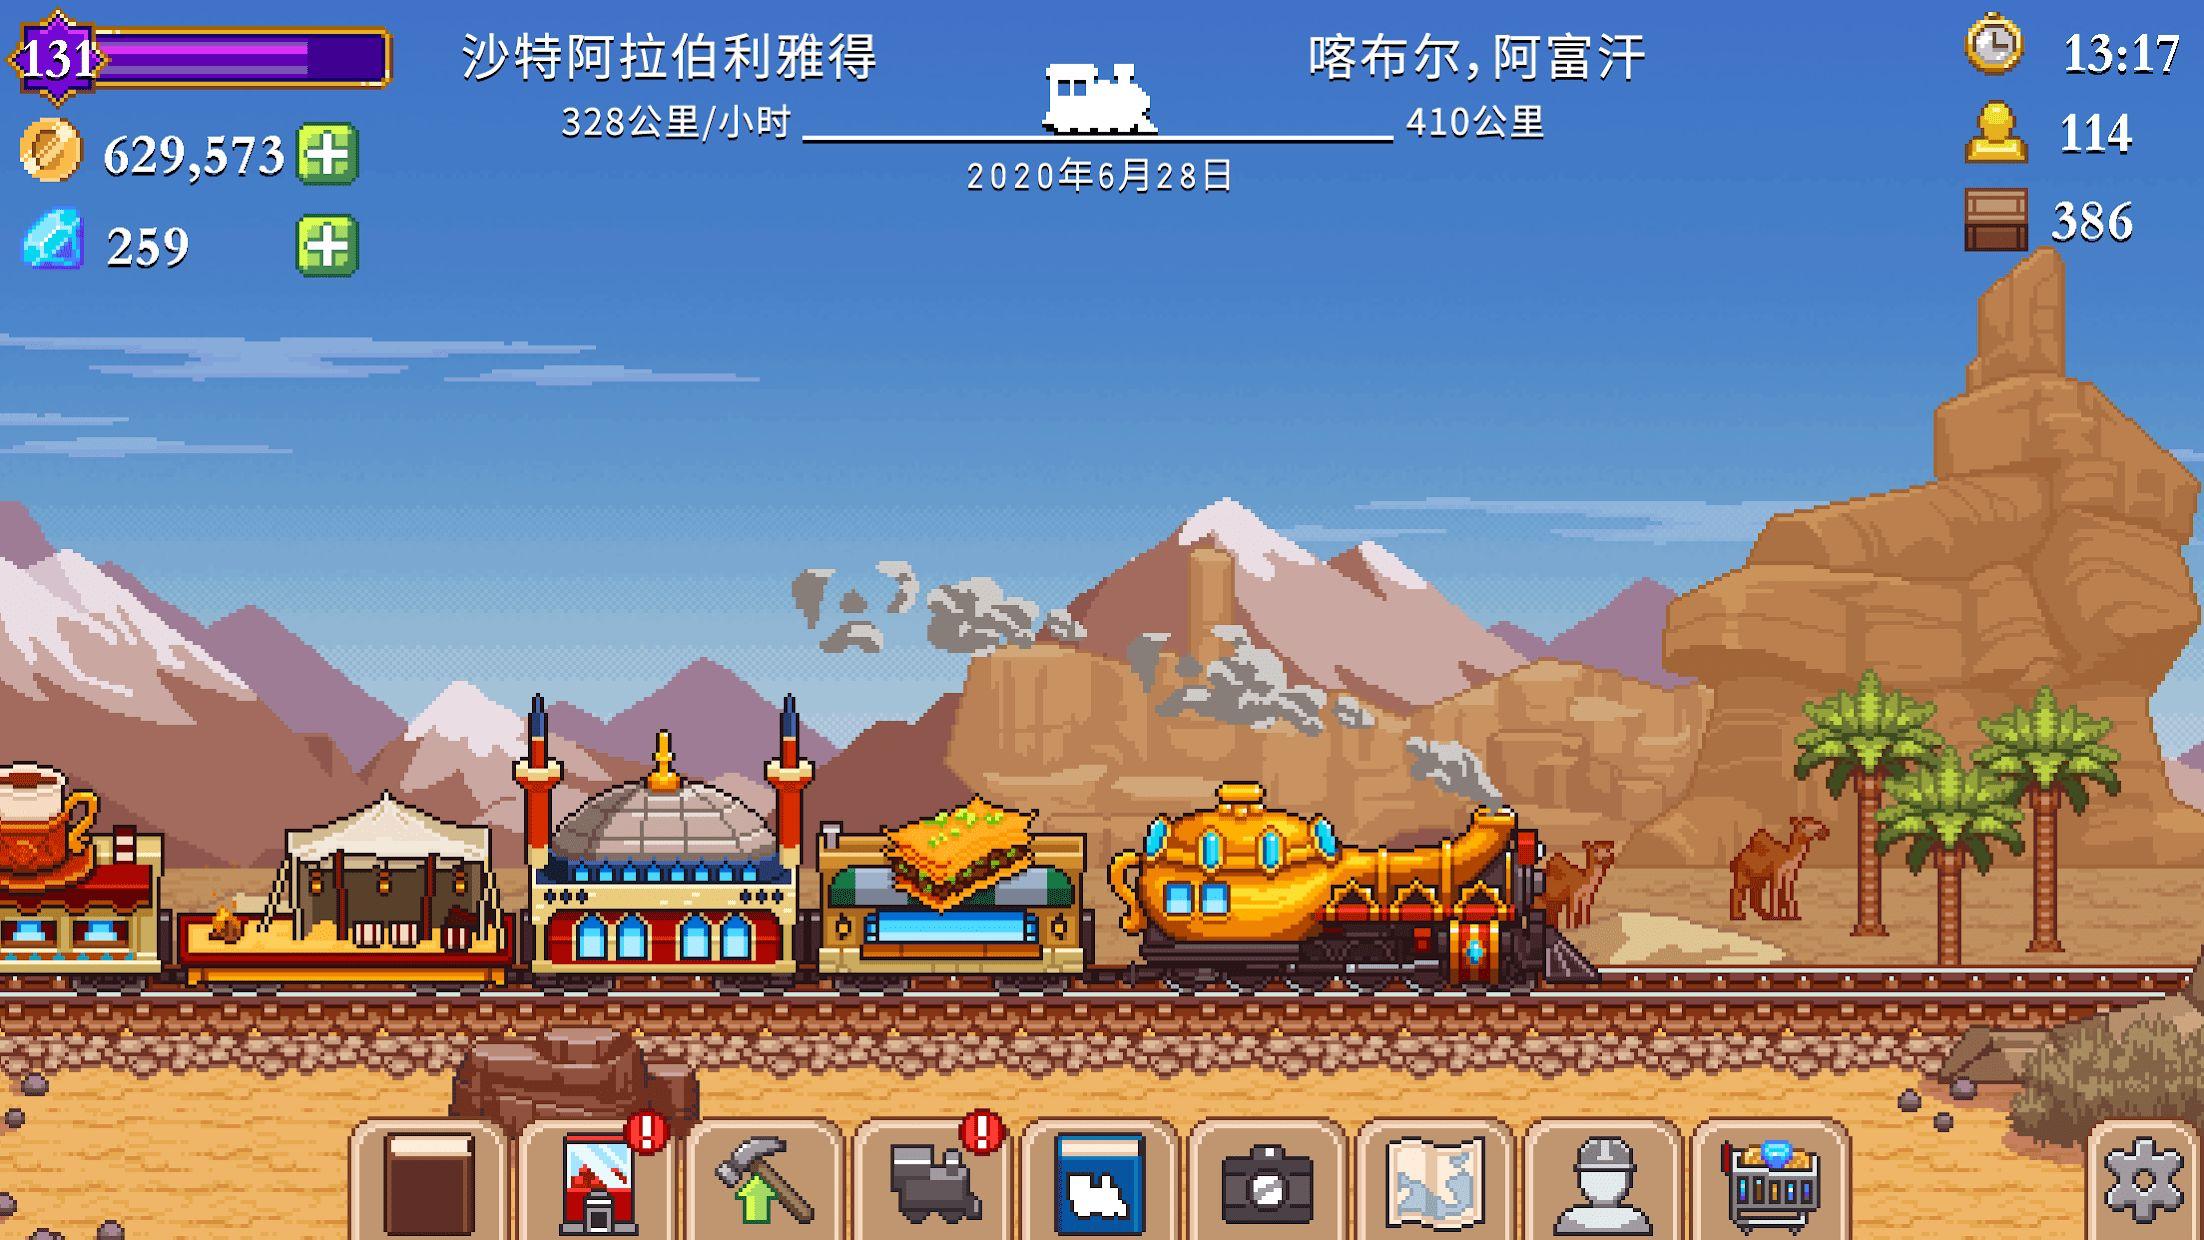 小小铁路 游戏截图3